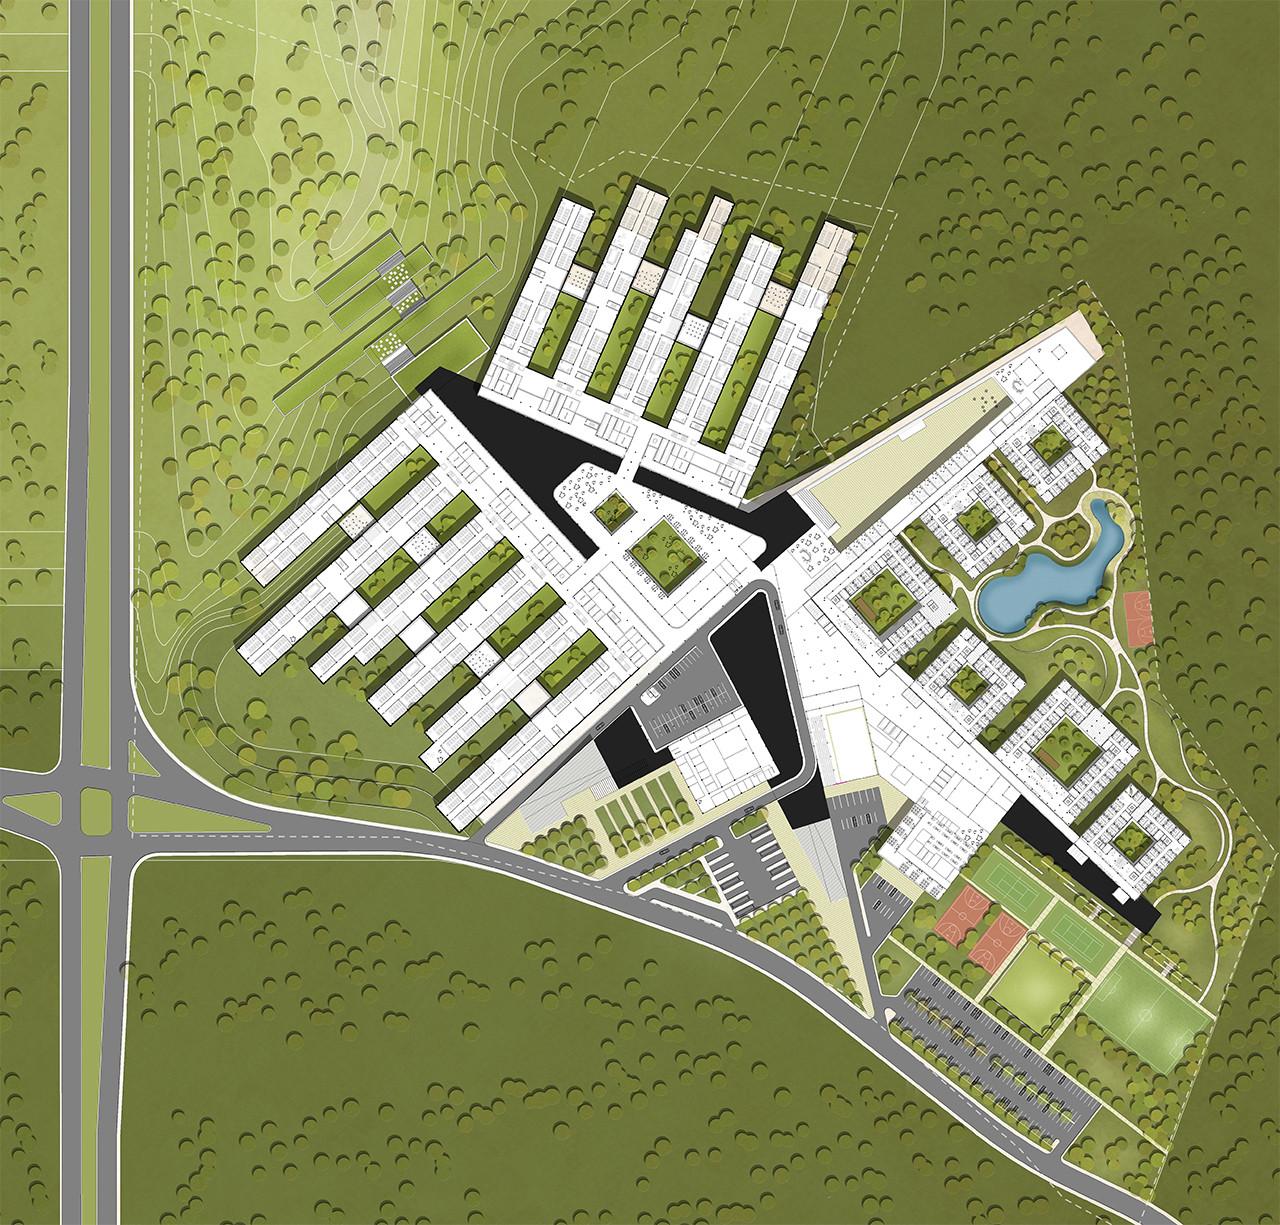 Marc koehler and onz design massive ultra modern campus in turkey site plan